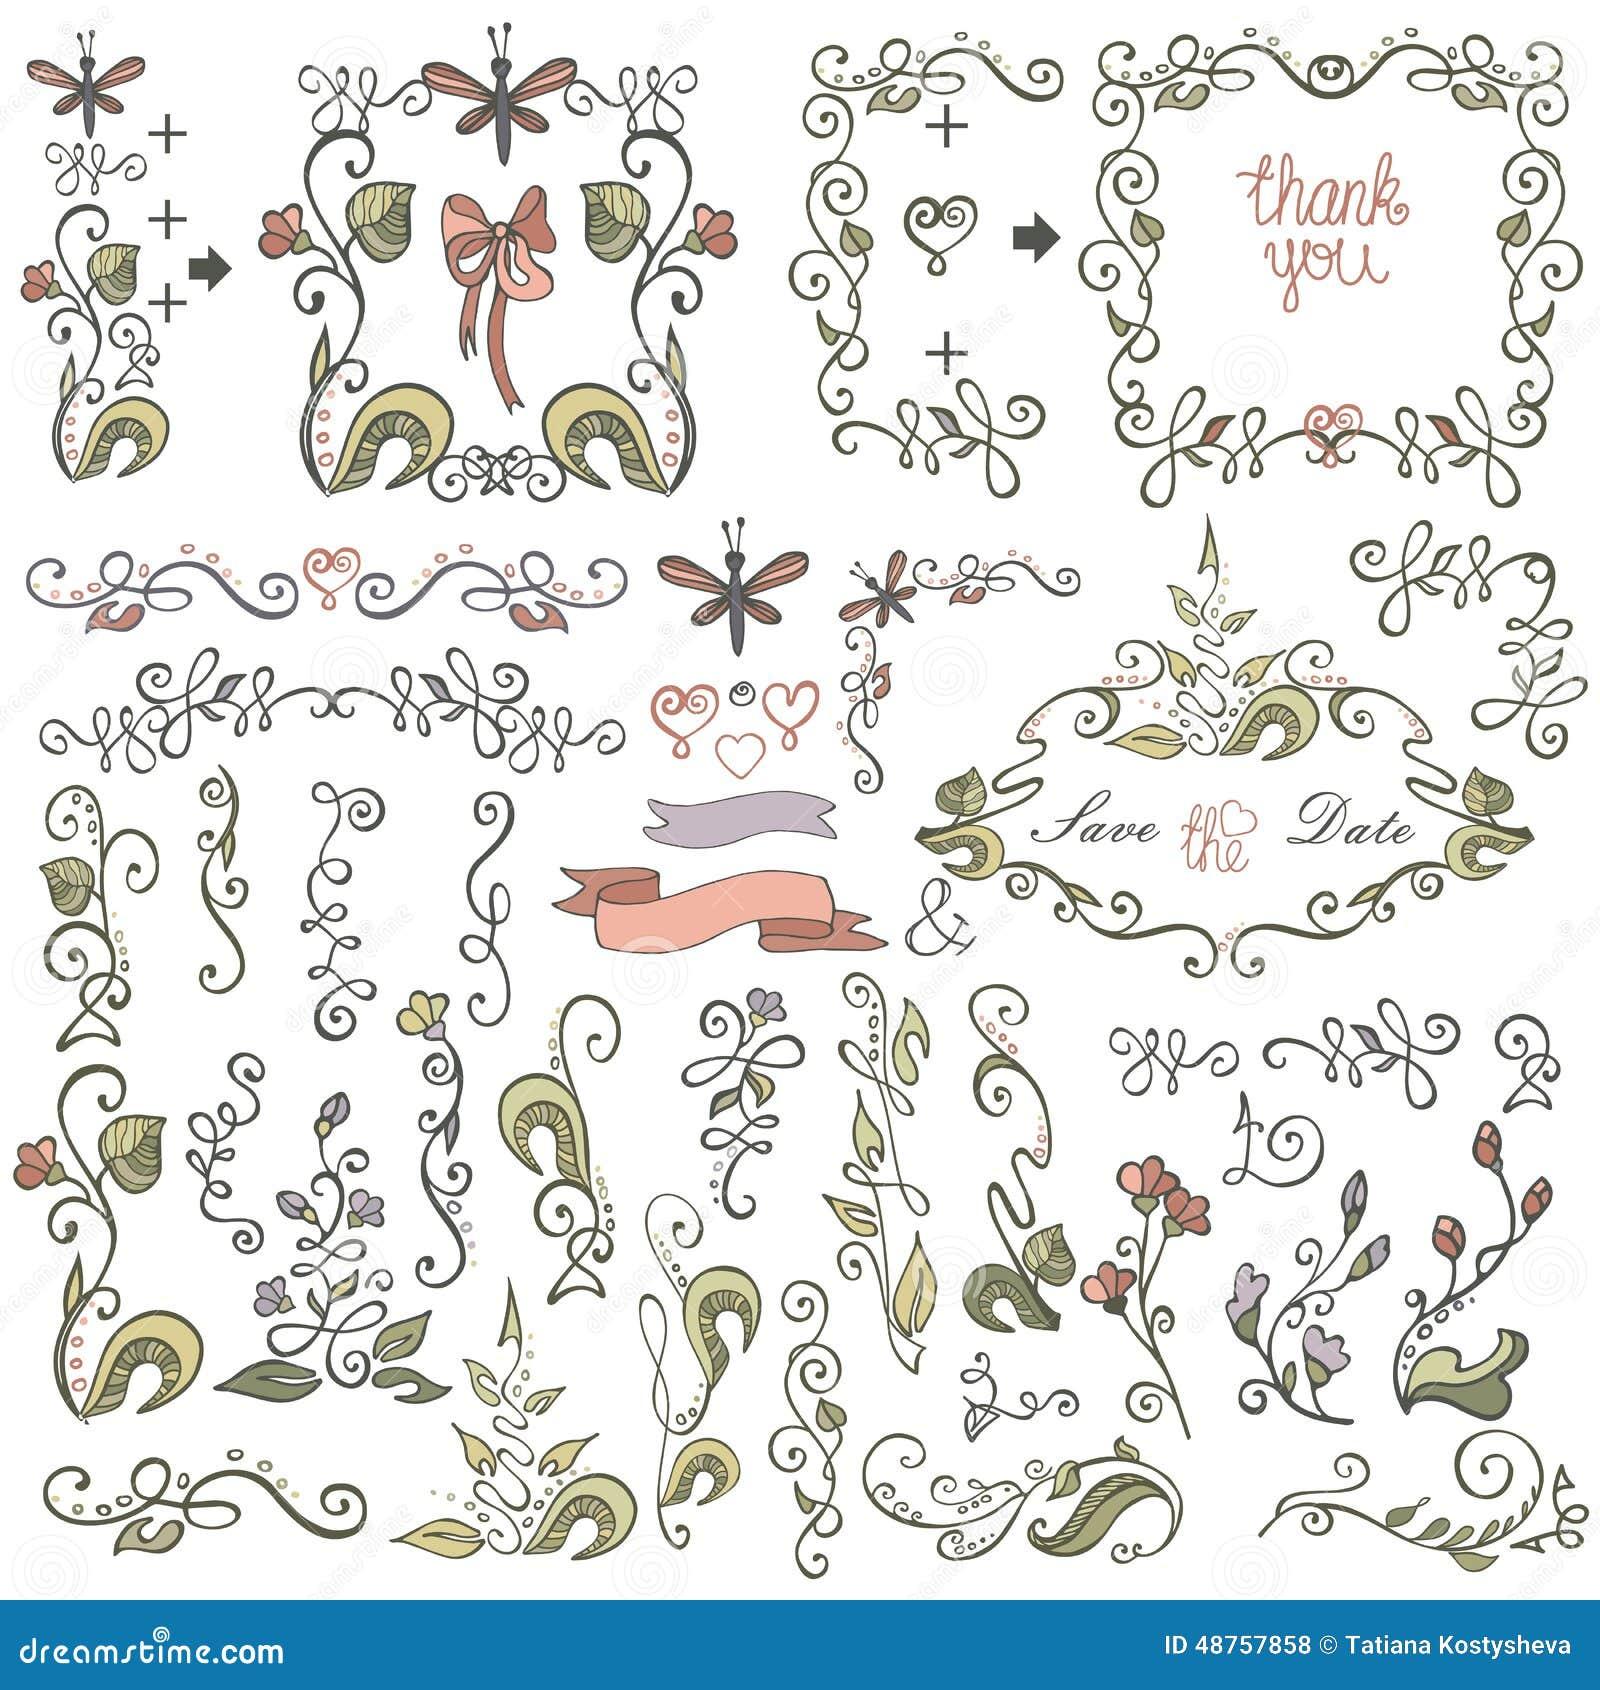 Stock Illustration: Doodle border,frame,decor element.Floral colored ...